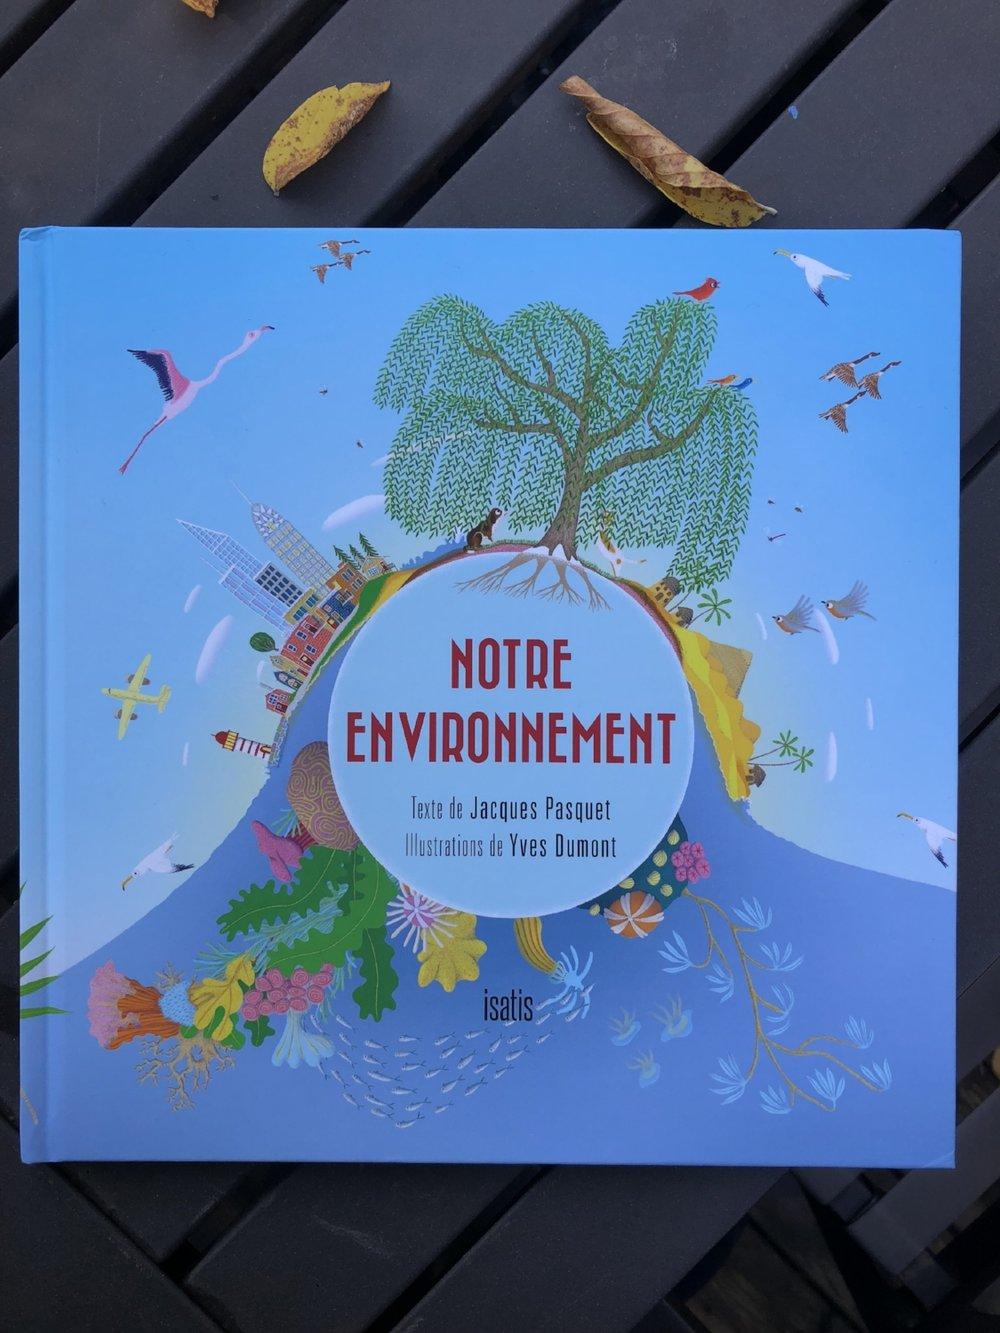 Notre environnement-livre jeunesse-littérature-album pour enfant-éditions de l'Isatis-documentaire-Conscience environnementale-suggestion lecture-enfant-livre-famille-Je suis une maman